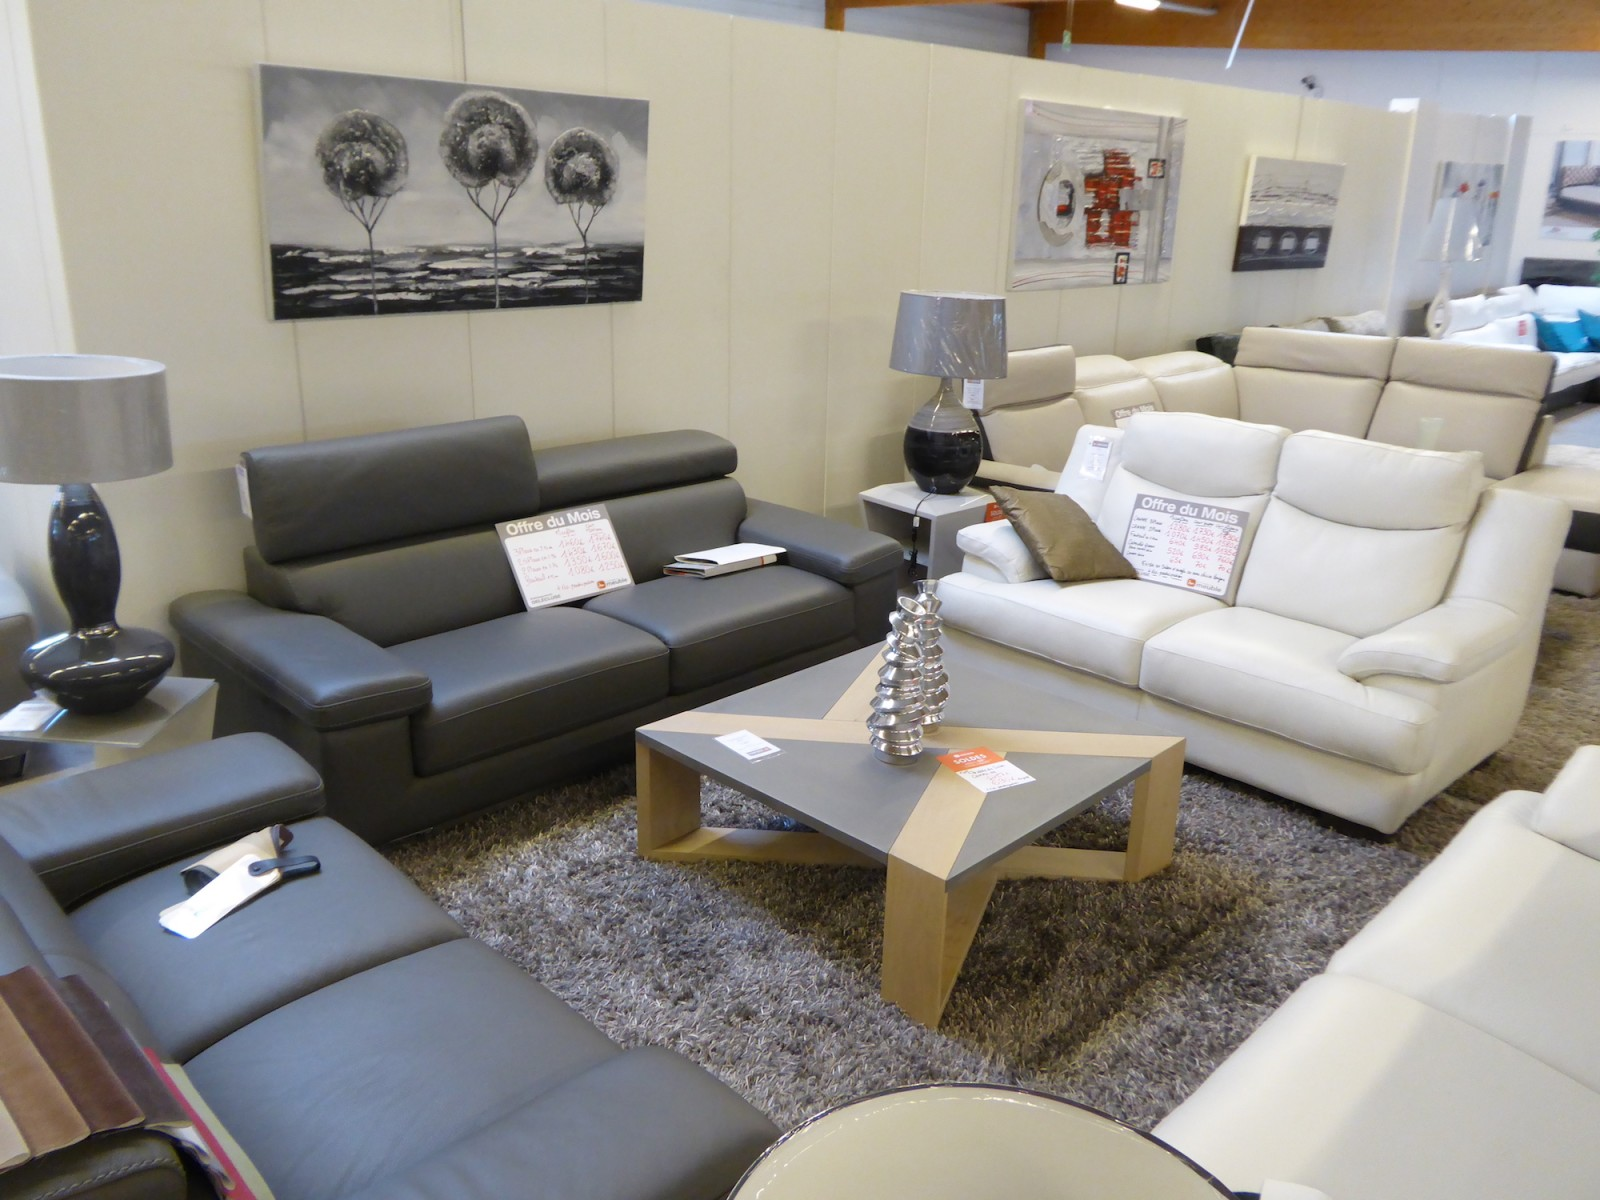 soldes d t chez monsieur meuble del cluse chalon sa ne info chalon l 39 actualit de info chalon. Black Bedroom Furniture Sets. Home Design Ideas